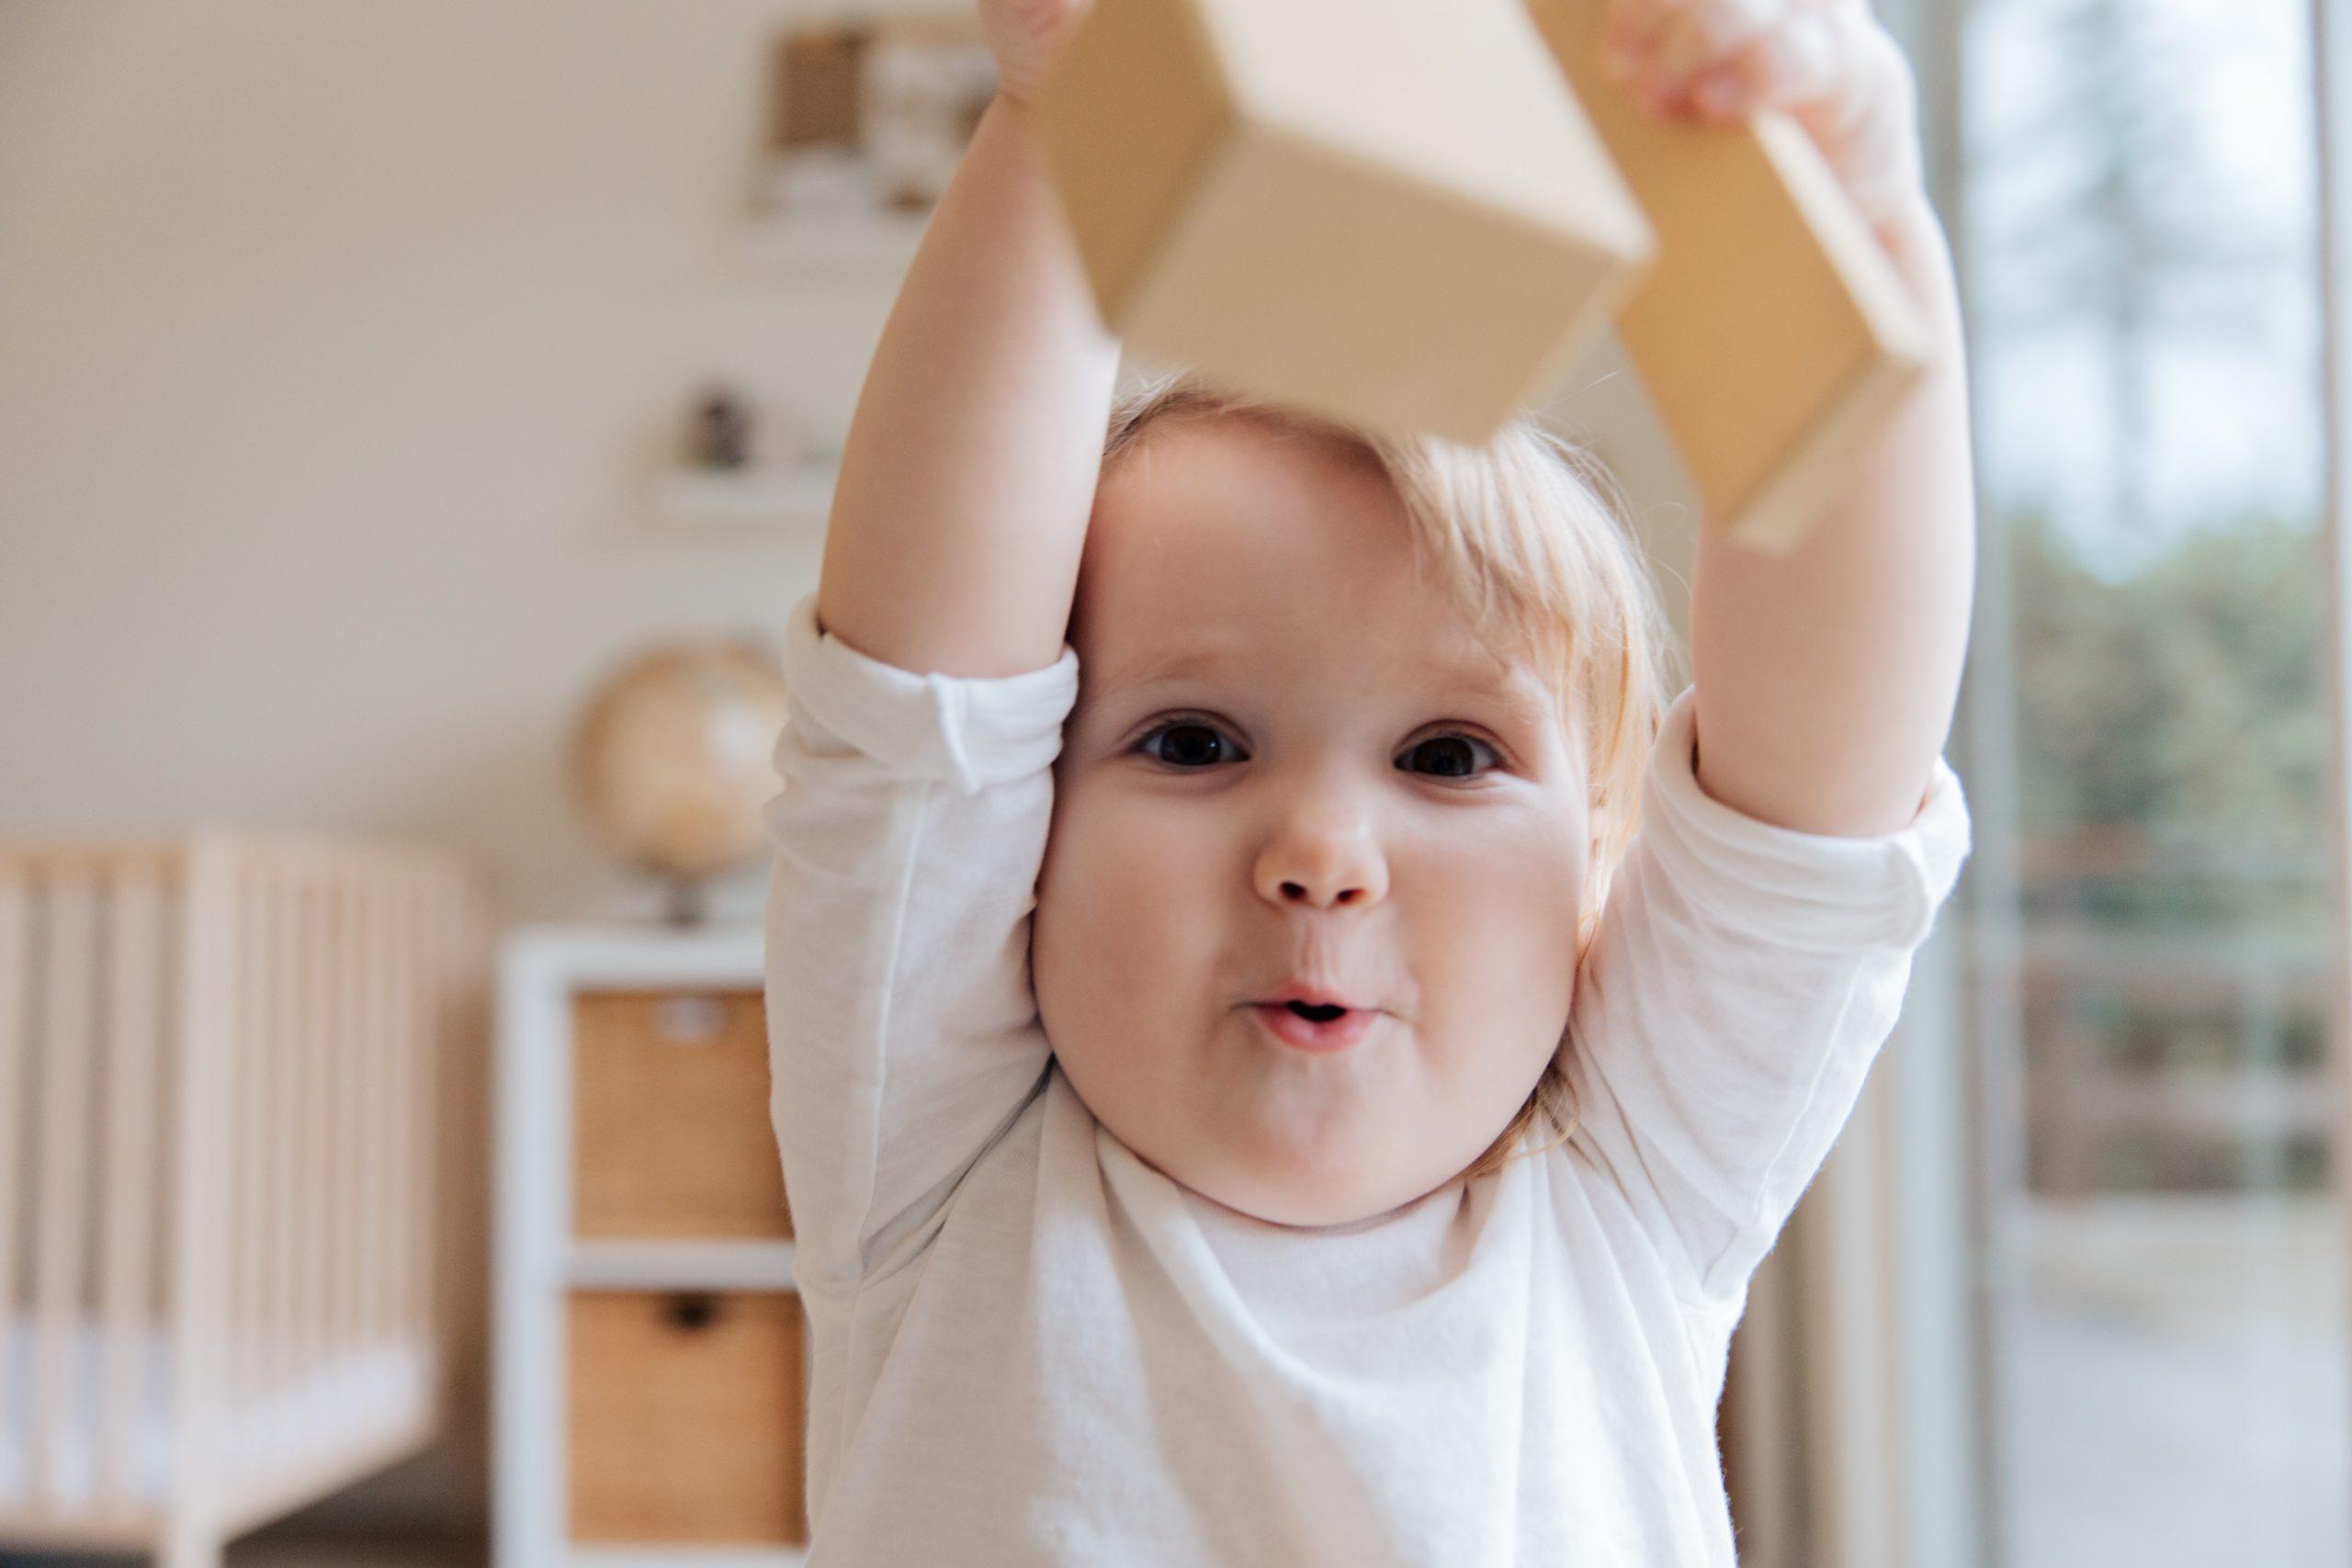 svliluppo del linguaggio nei bambini